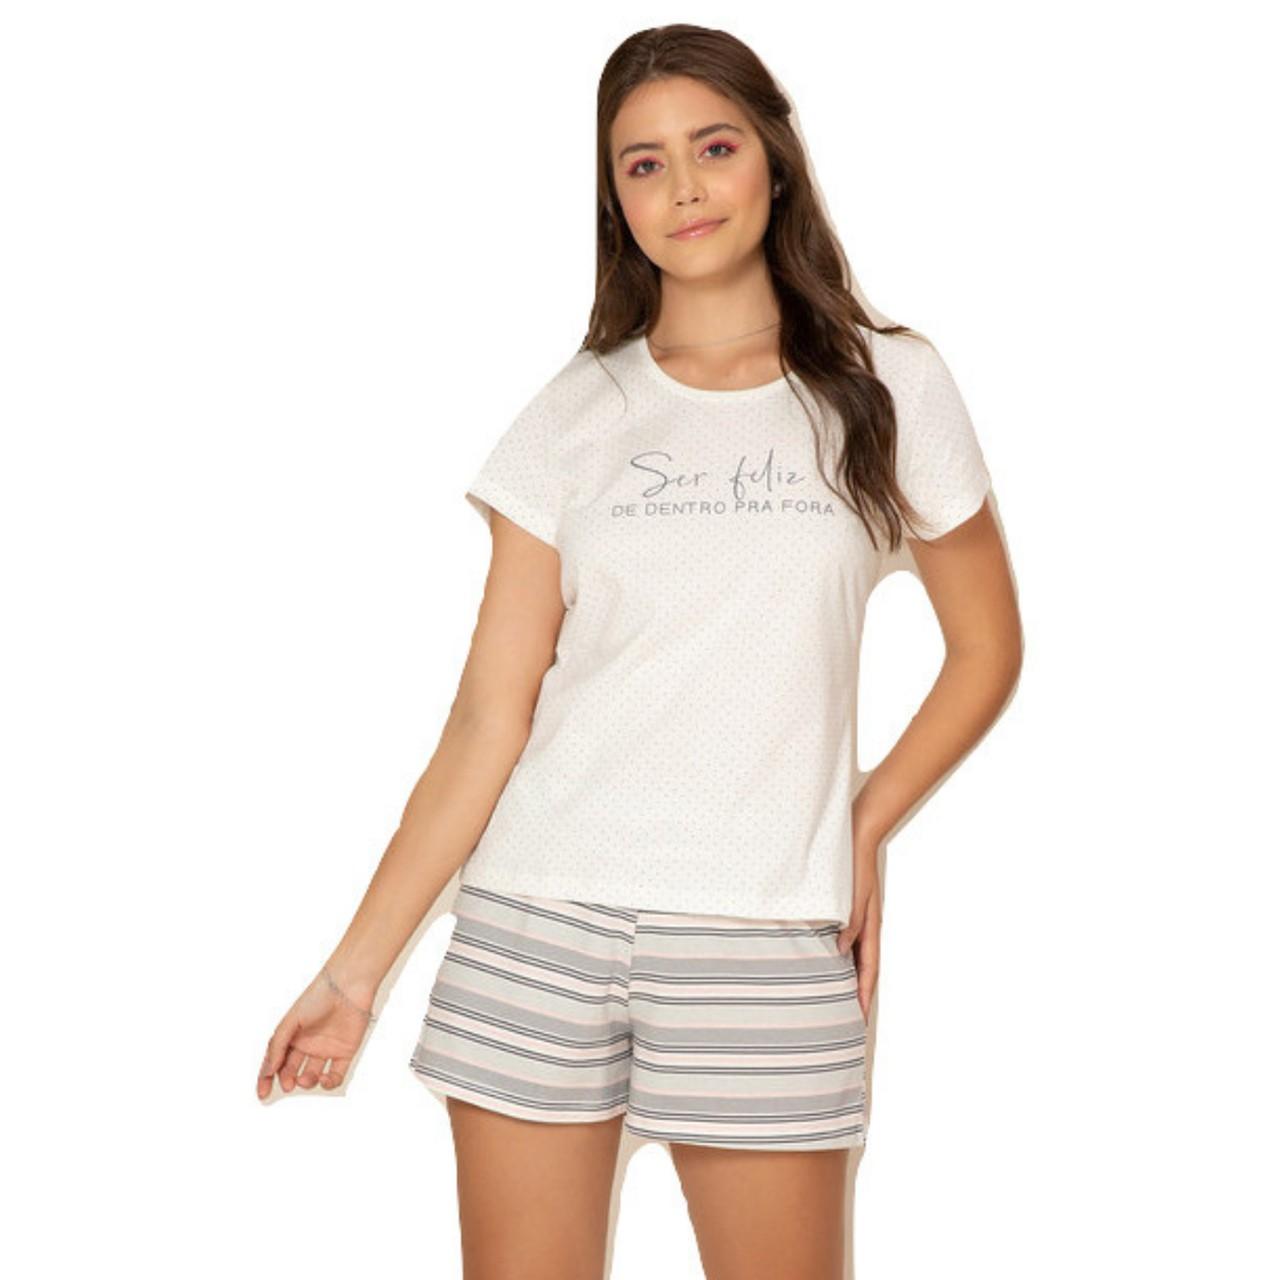 Pijama verão baby doll algodão short listrado blusa